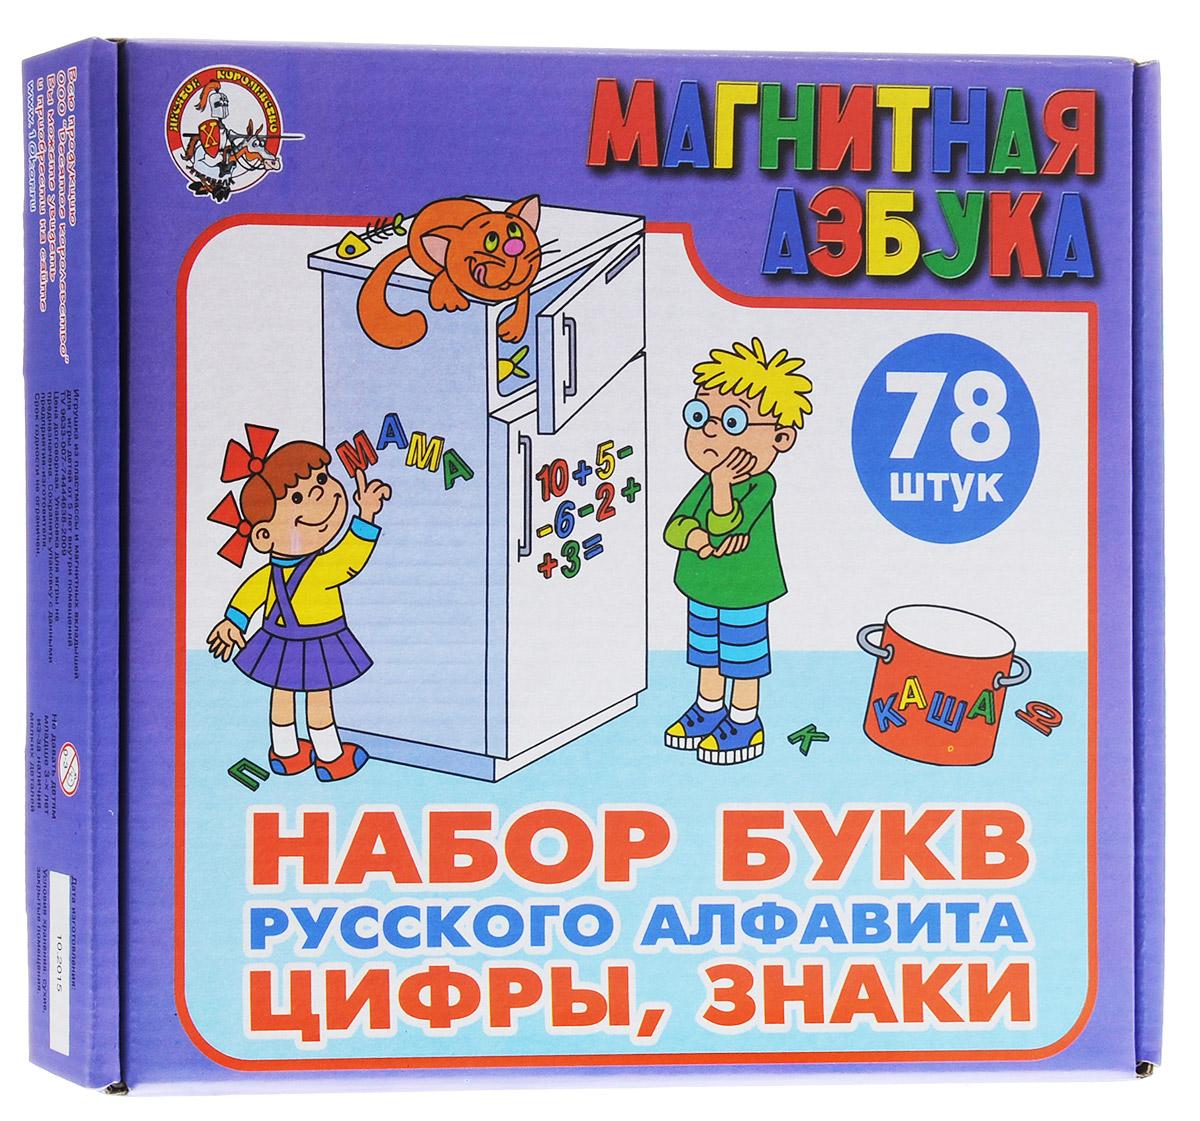 Десятое королевство Развивающая игра Магнитная азбука00849С помощью набора магнитных знаков магнитной азбуки Десятое королевство ребенок сможет без труда выучить алфавит, цифры и элементарные математические действия, такие как сложение и вычитание. Набор включает в себя буквы русского алфавита, цифры и знаки, изготовленные из пластика и крепящиеся при помощи магнитов на любую гладкую металлическую поверхность. С таким набором обучение малыша будет проходить в веселой, непринужденной обстановке и никогда ему не наскучит.